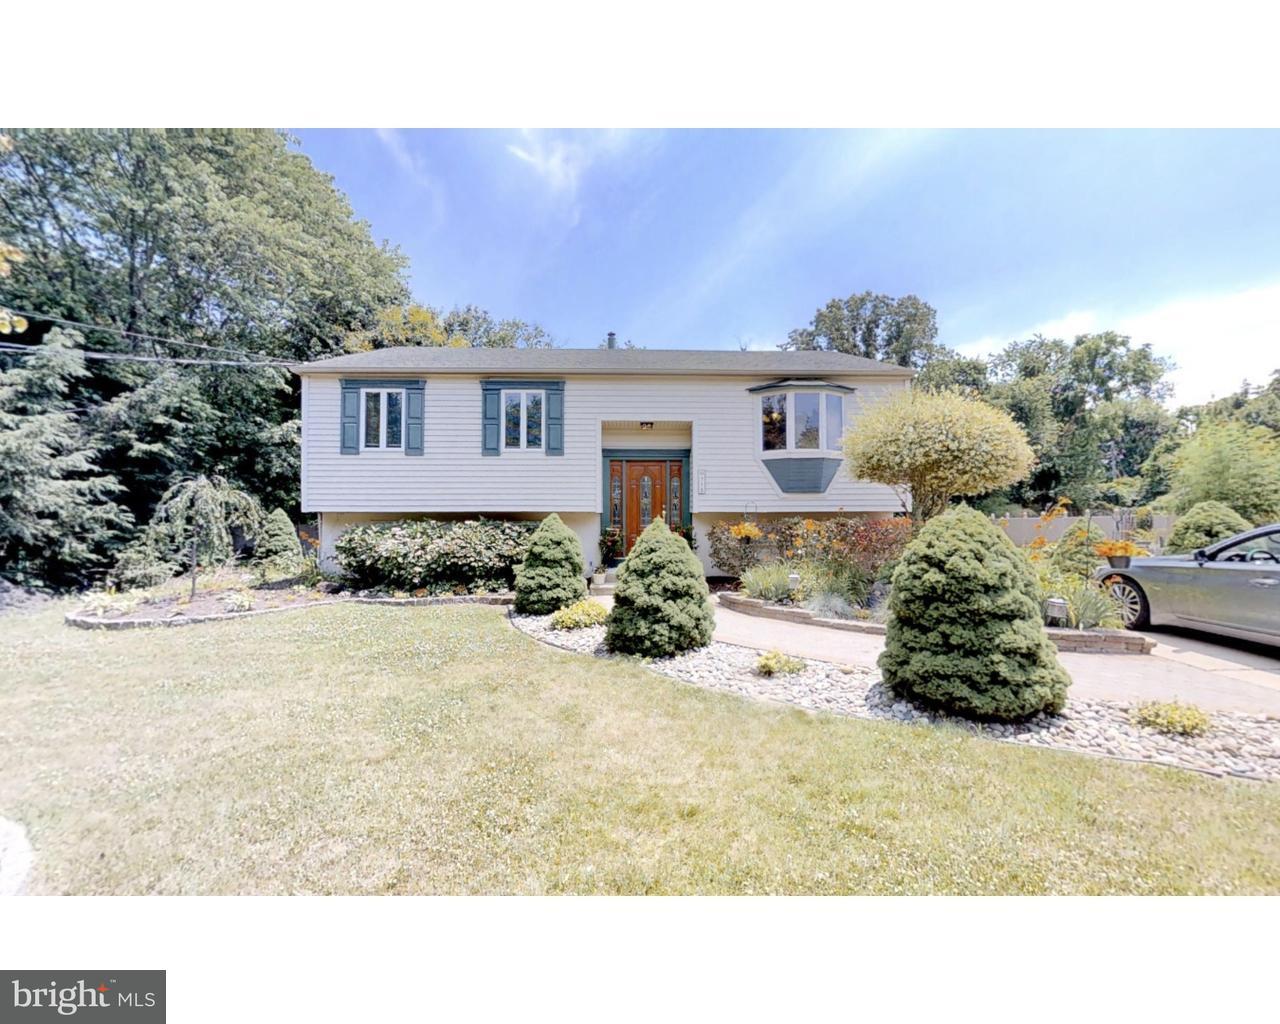 独户住宅 为 销售 在 710 MARSHA Avenue Williamstown, 新泽西州 08094 美国在/周边: Monroe Township